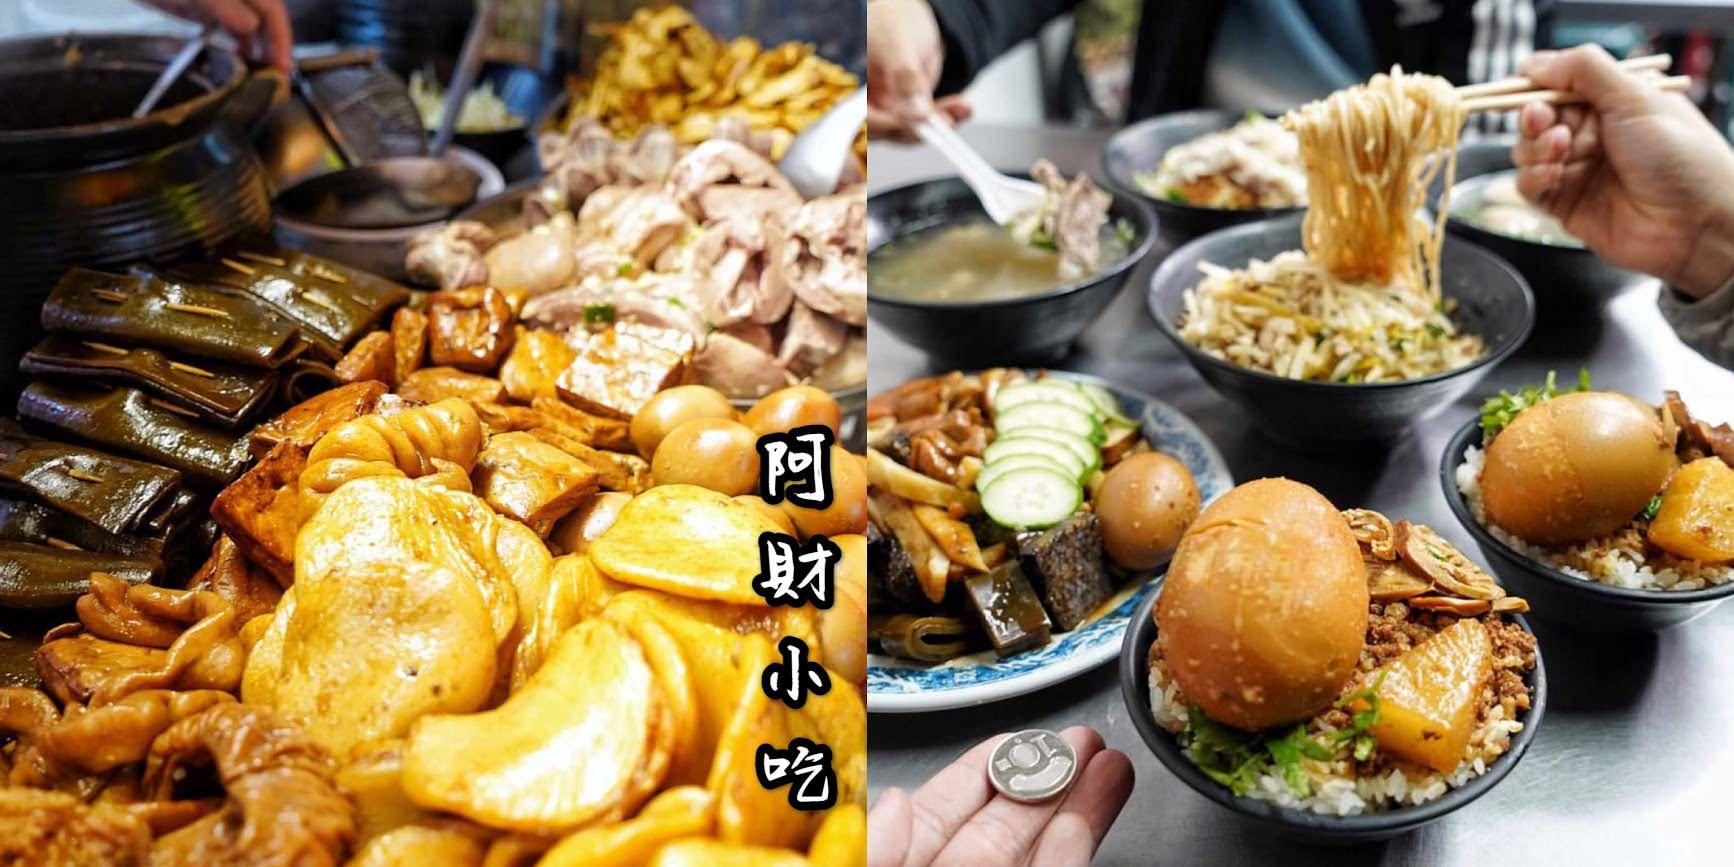 【新竹美食】阿財小吃。湖口必吃美食之一,平價又美味,隱藏版鵝蛋滷肉飯超浮誇,鄰近湖口火車站。